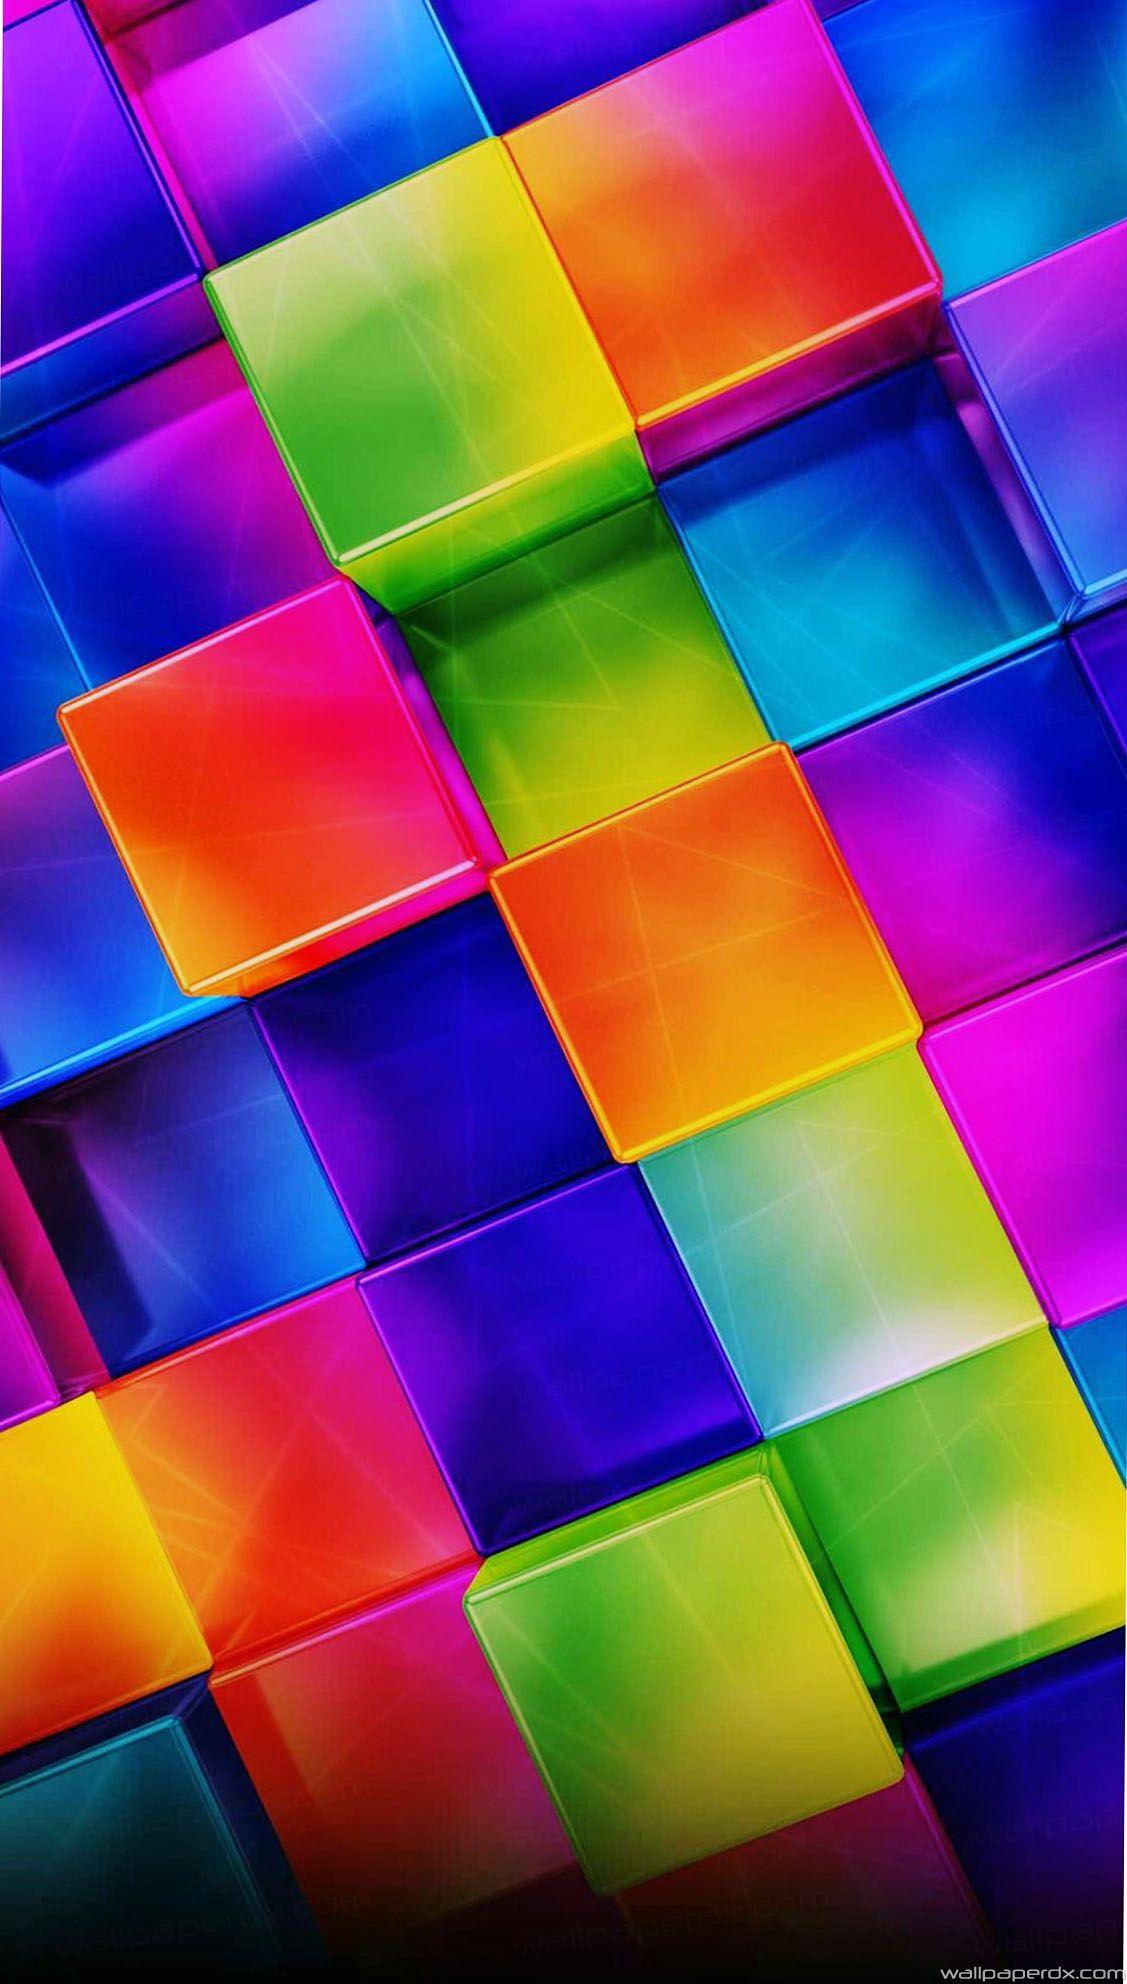 Display Wallpaper Images اجمل خلفيات الشاشة للموبايل